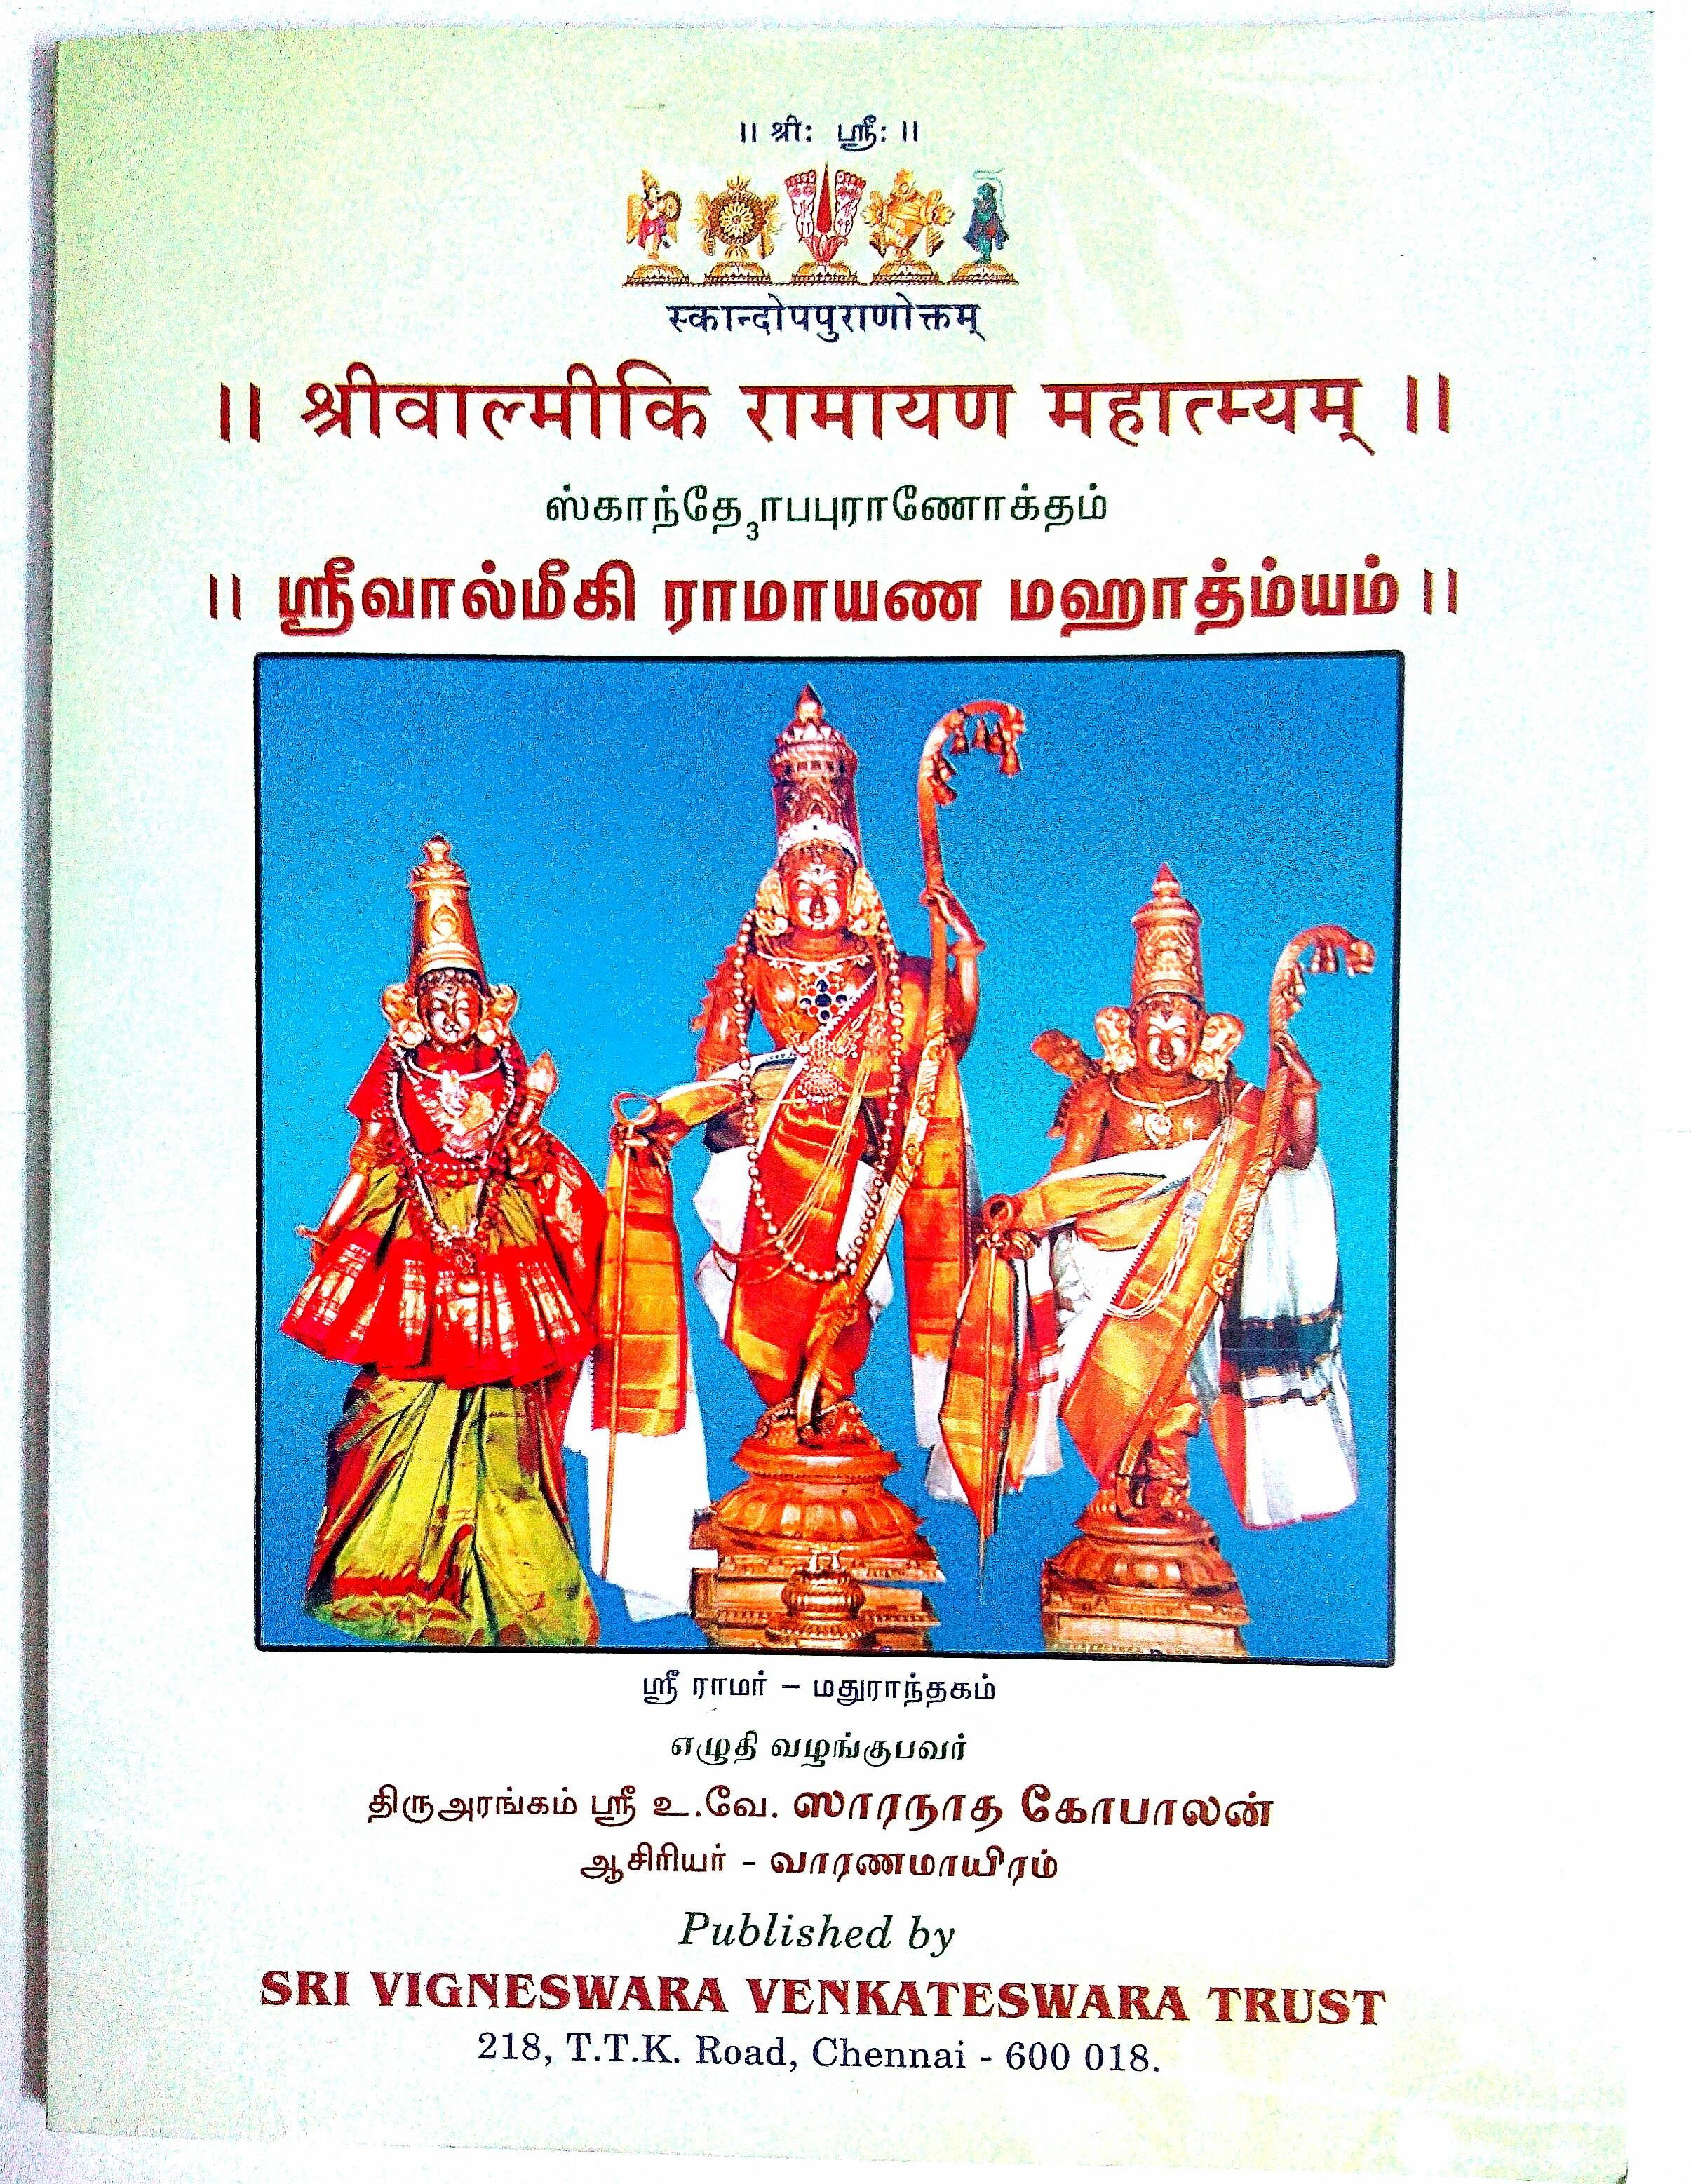 ஸ்ரீவால்மீகி ராமாயண மஹாத்ம்யம்